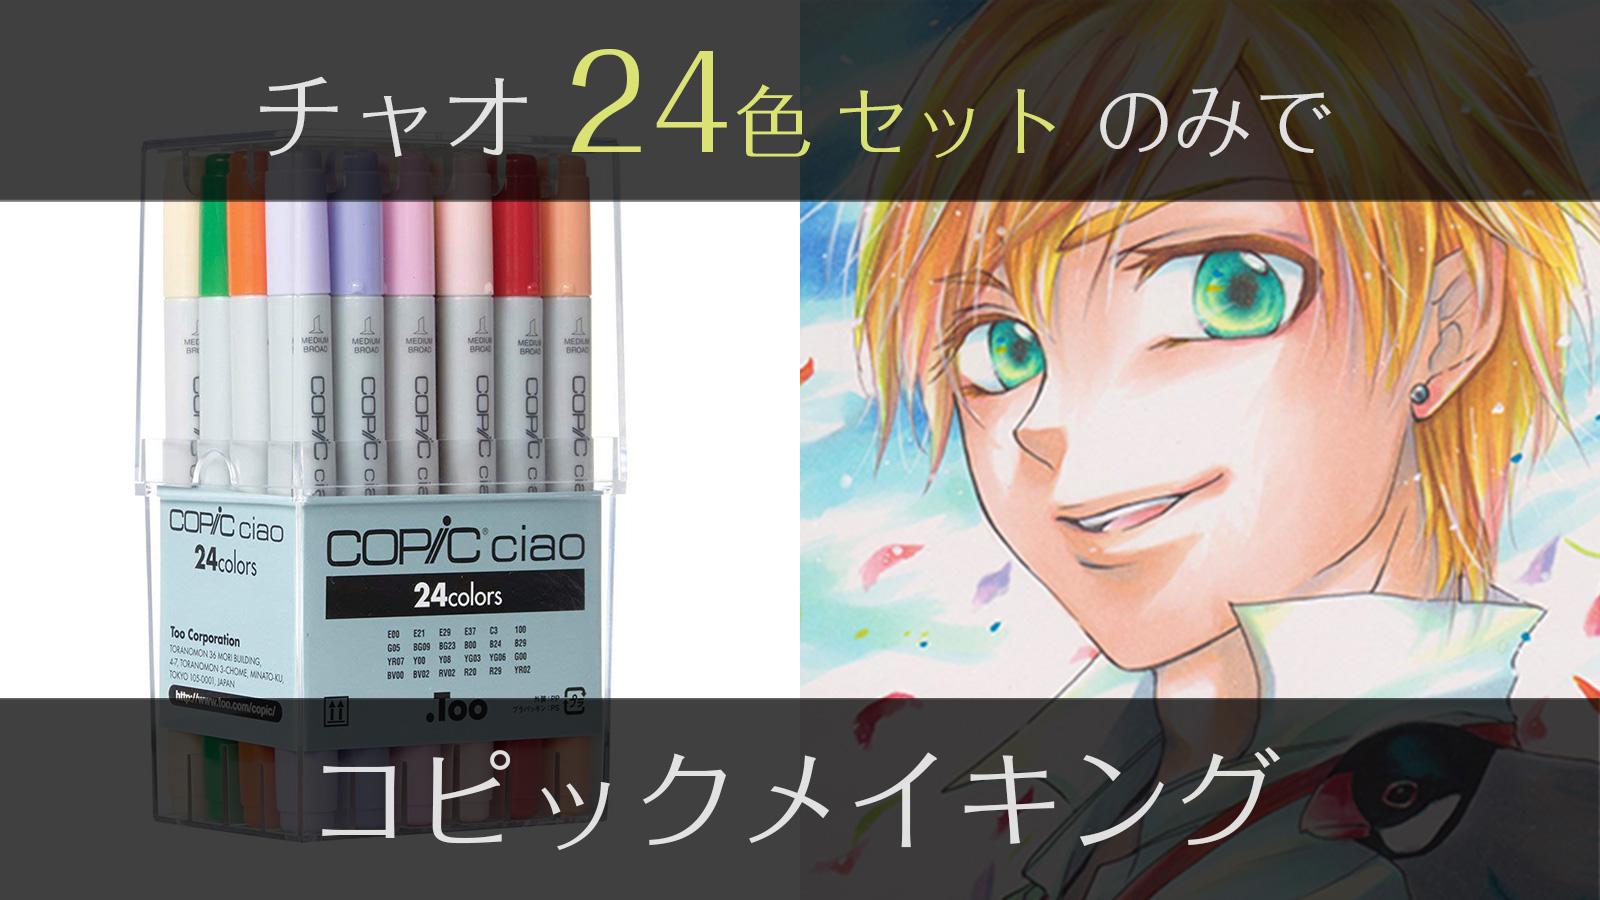 【コピック初心者向け動画】チャオ24色セットのみで金髪少年の塗り方解説